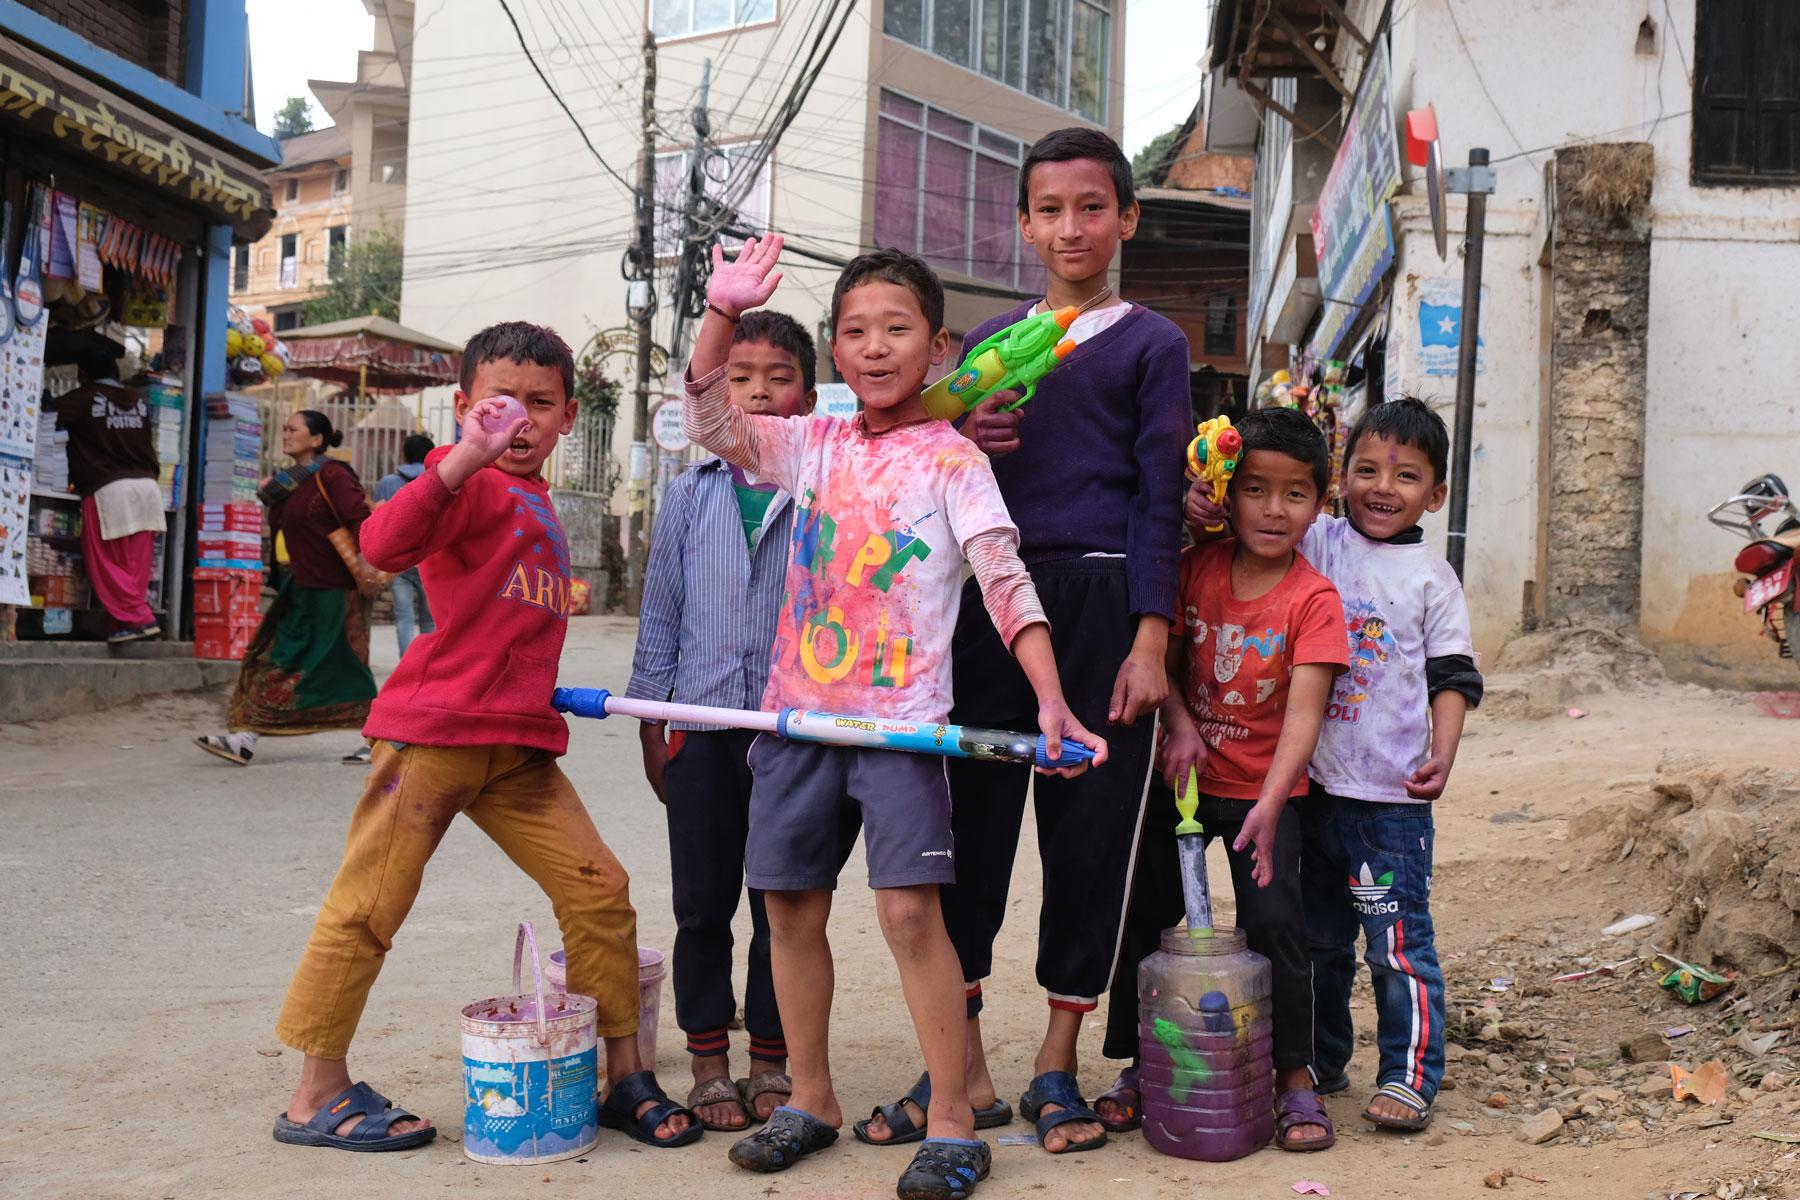 Nepalesische Kinder in Tansen mit Wasserpistolen.